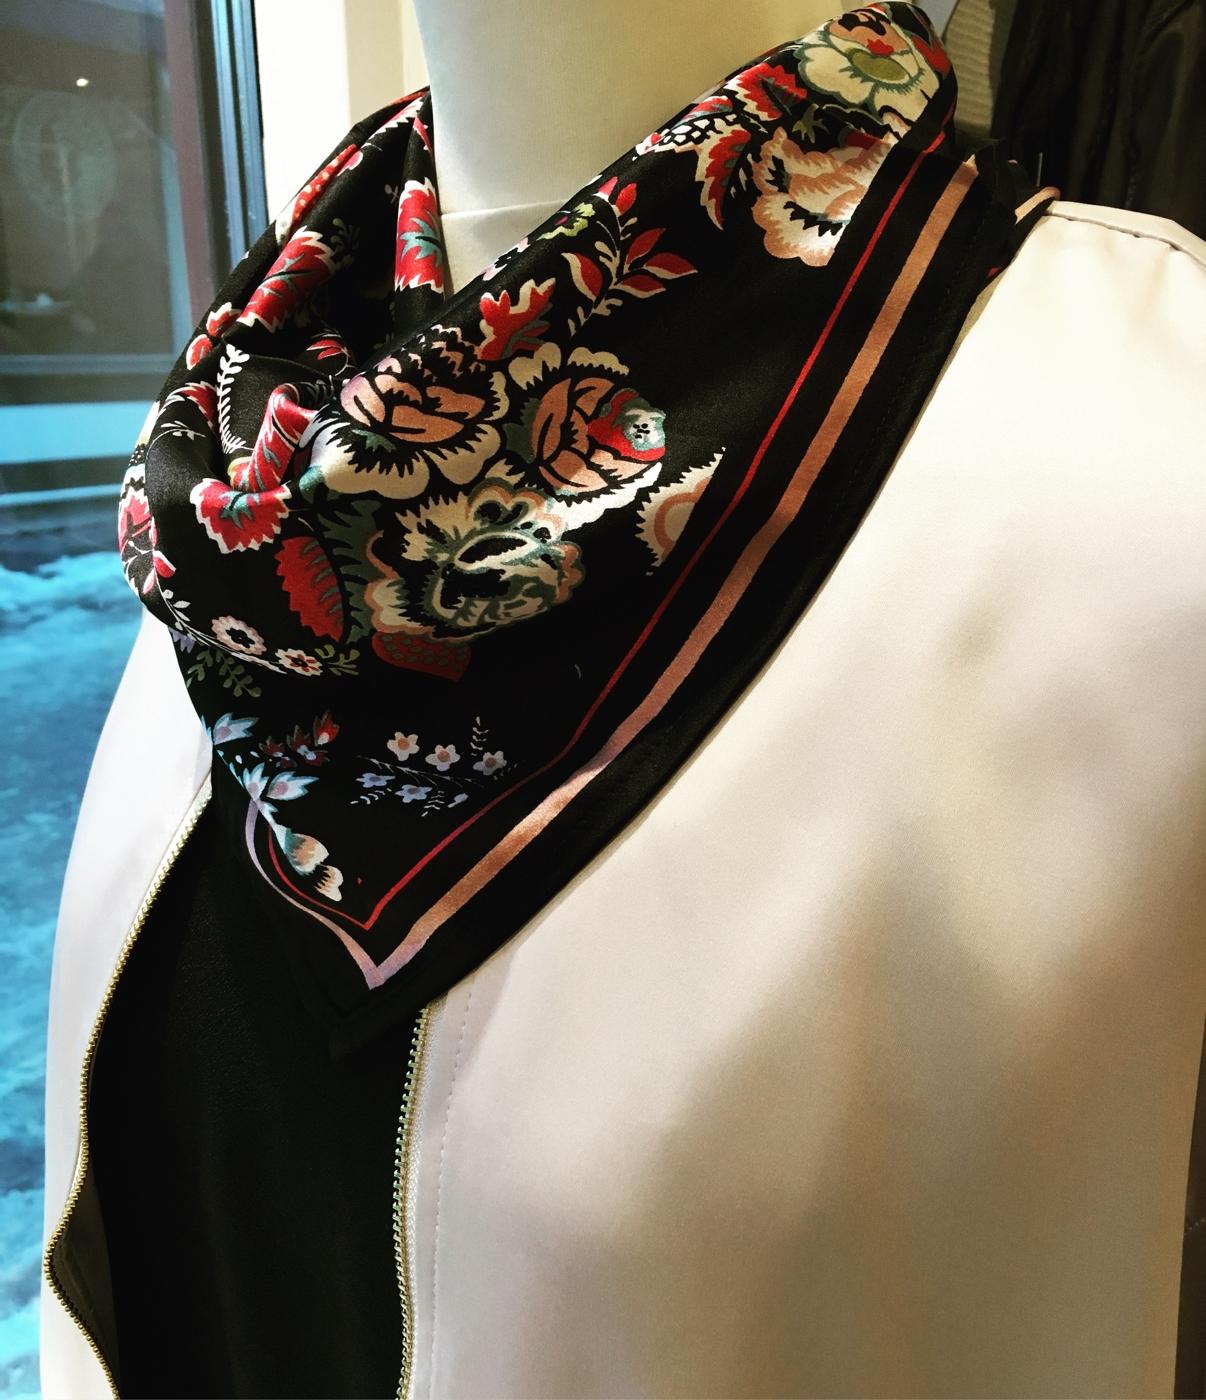 26ac97e47d8 Tänk så stor skillnad det blir att addera en snygg scarf ! Priset är galet  bra, 149:-